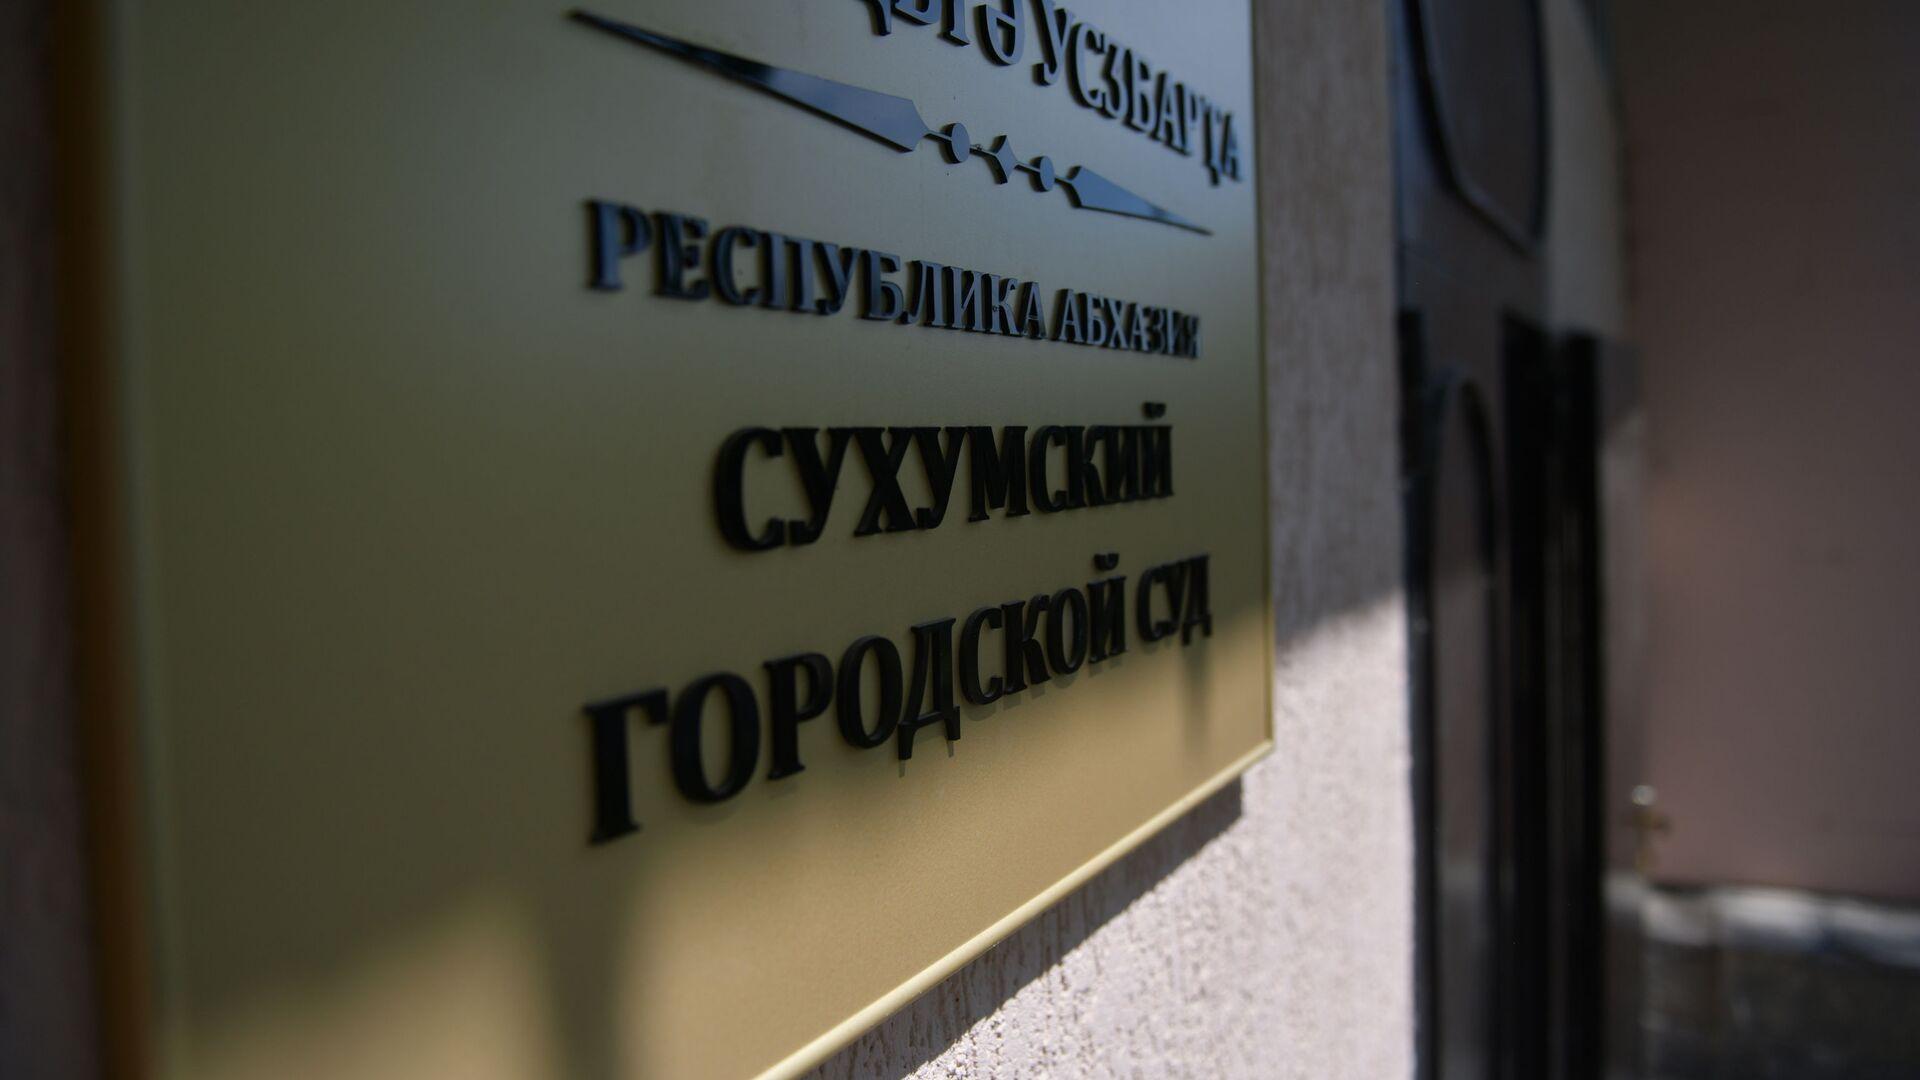 Сухумский городской суд - Sputnik Абхазия, 1920, 06.03.2021